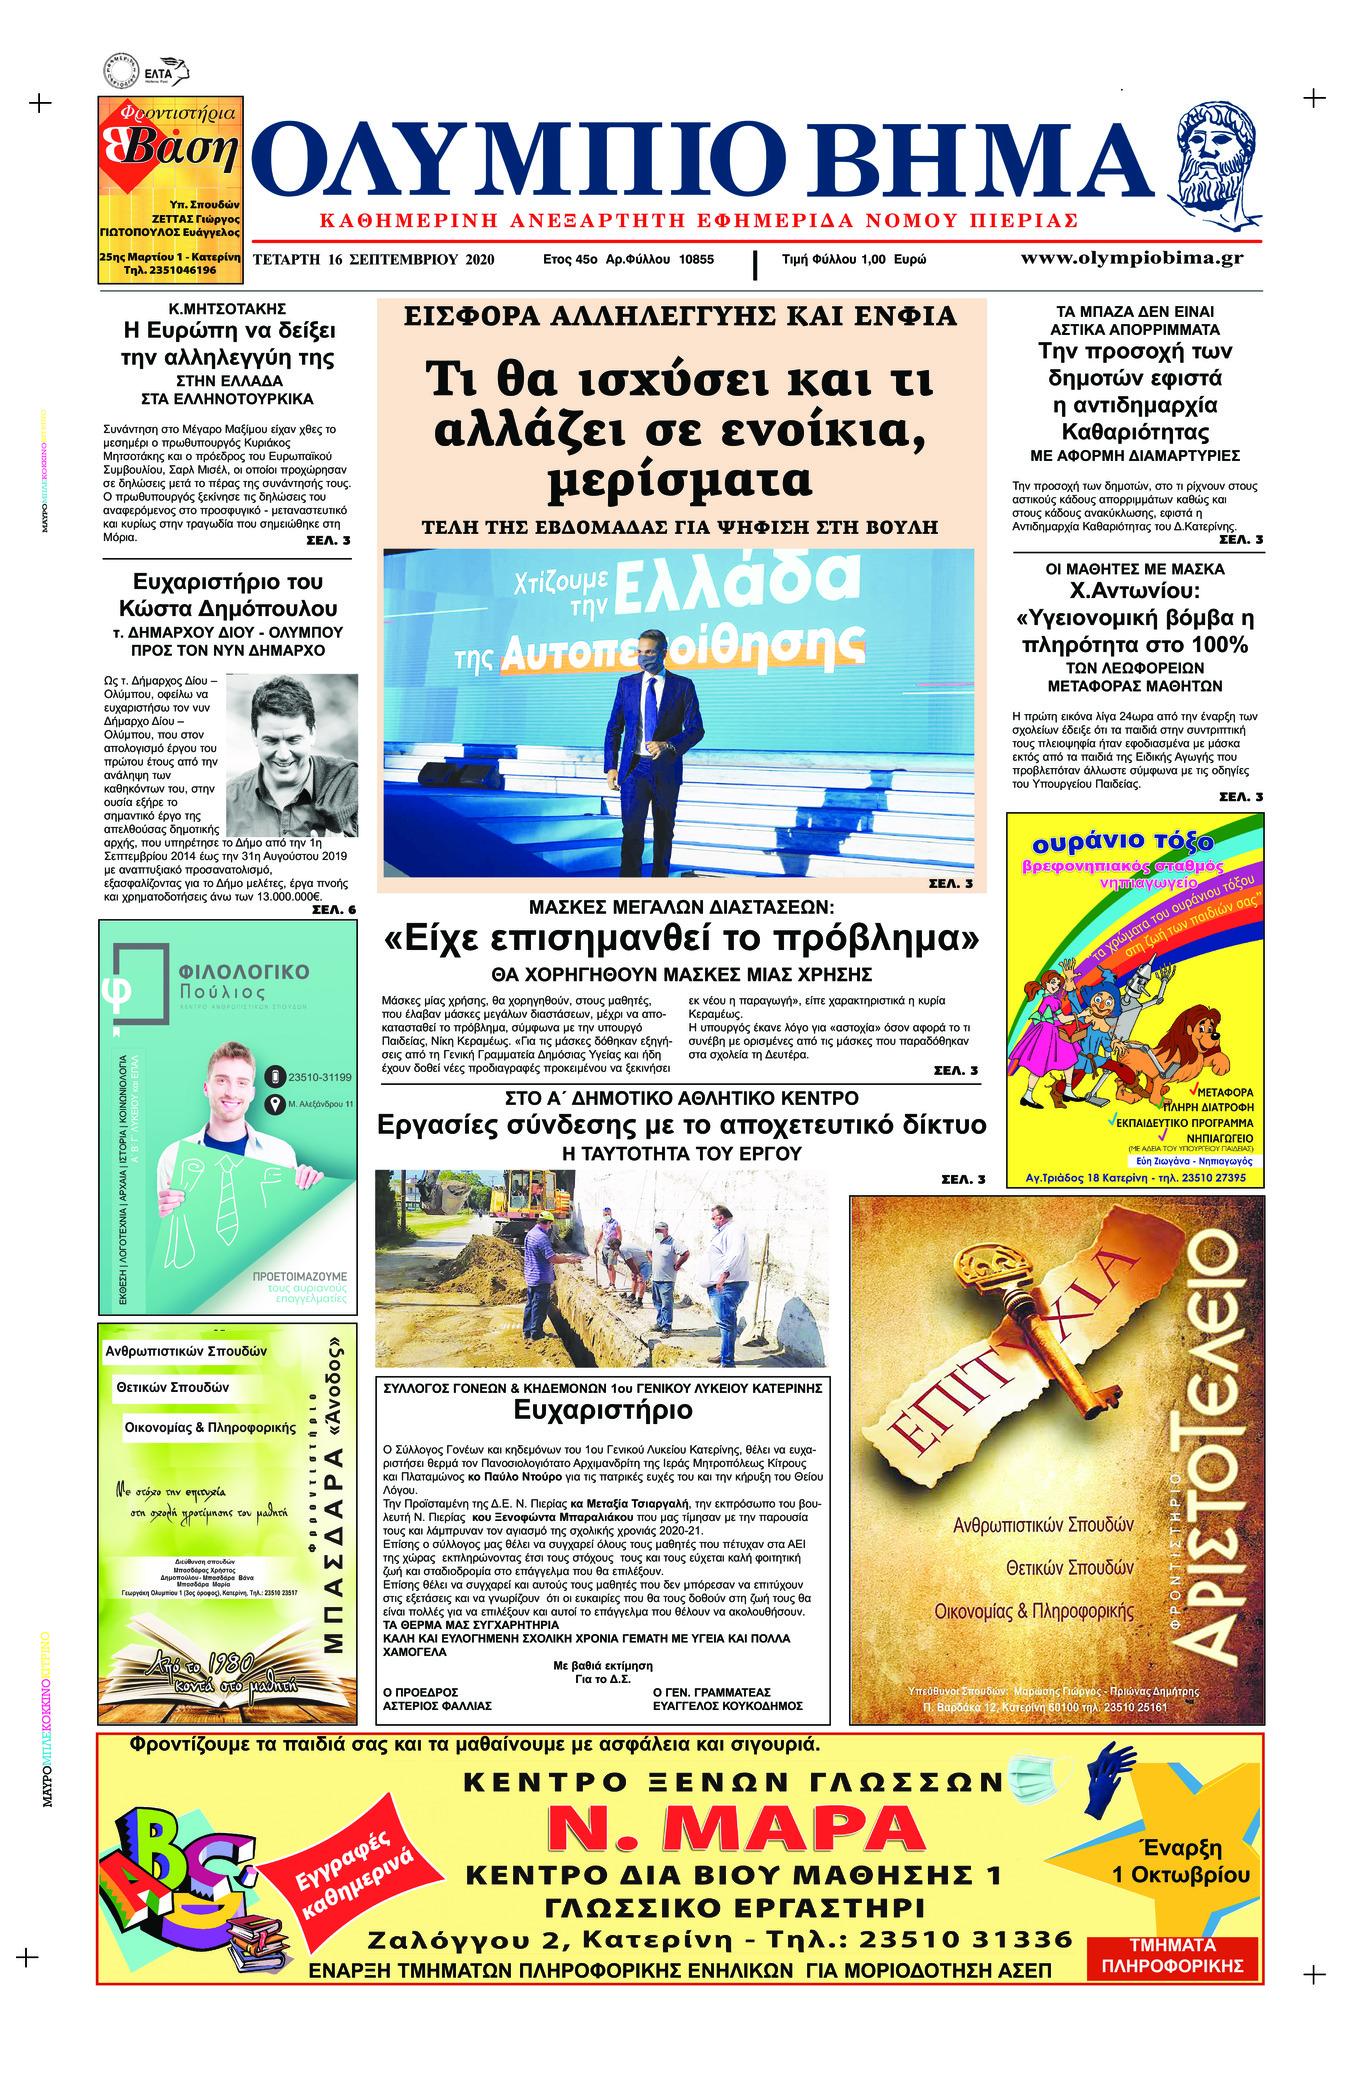 Πρωτοσέλιδο εφημερίδας Ολύμπιο Βήμα